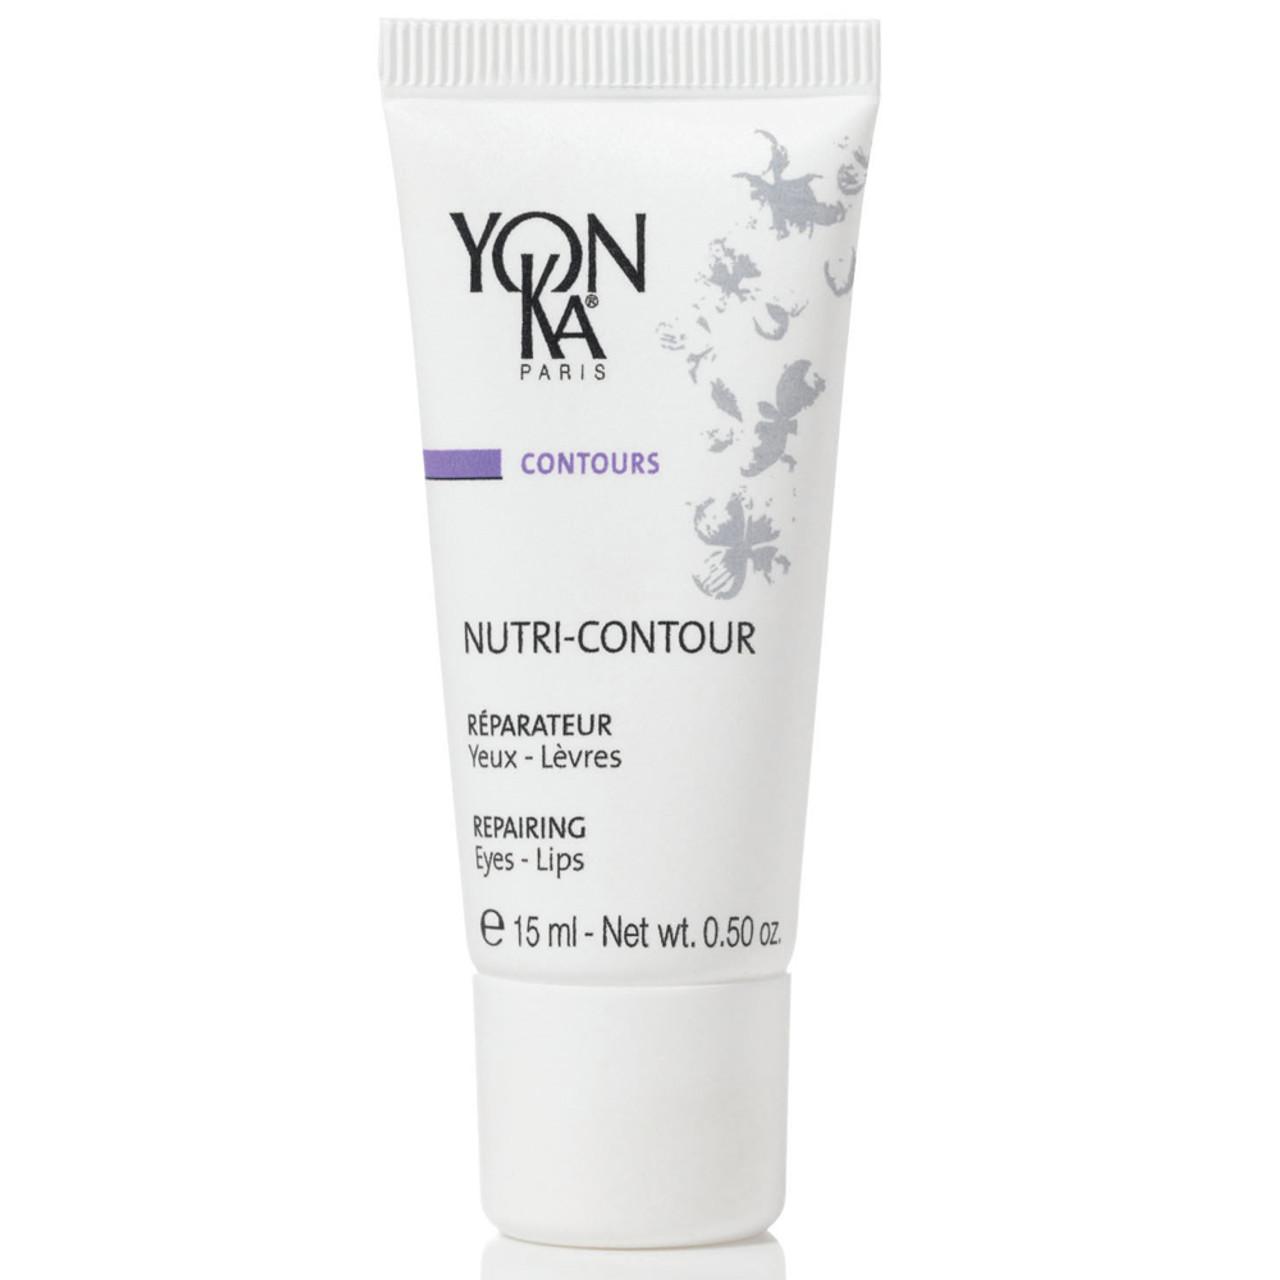 YonKa Nutri-Contour Eye & Lip Creme